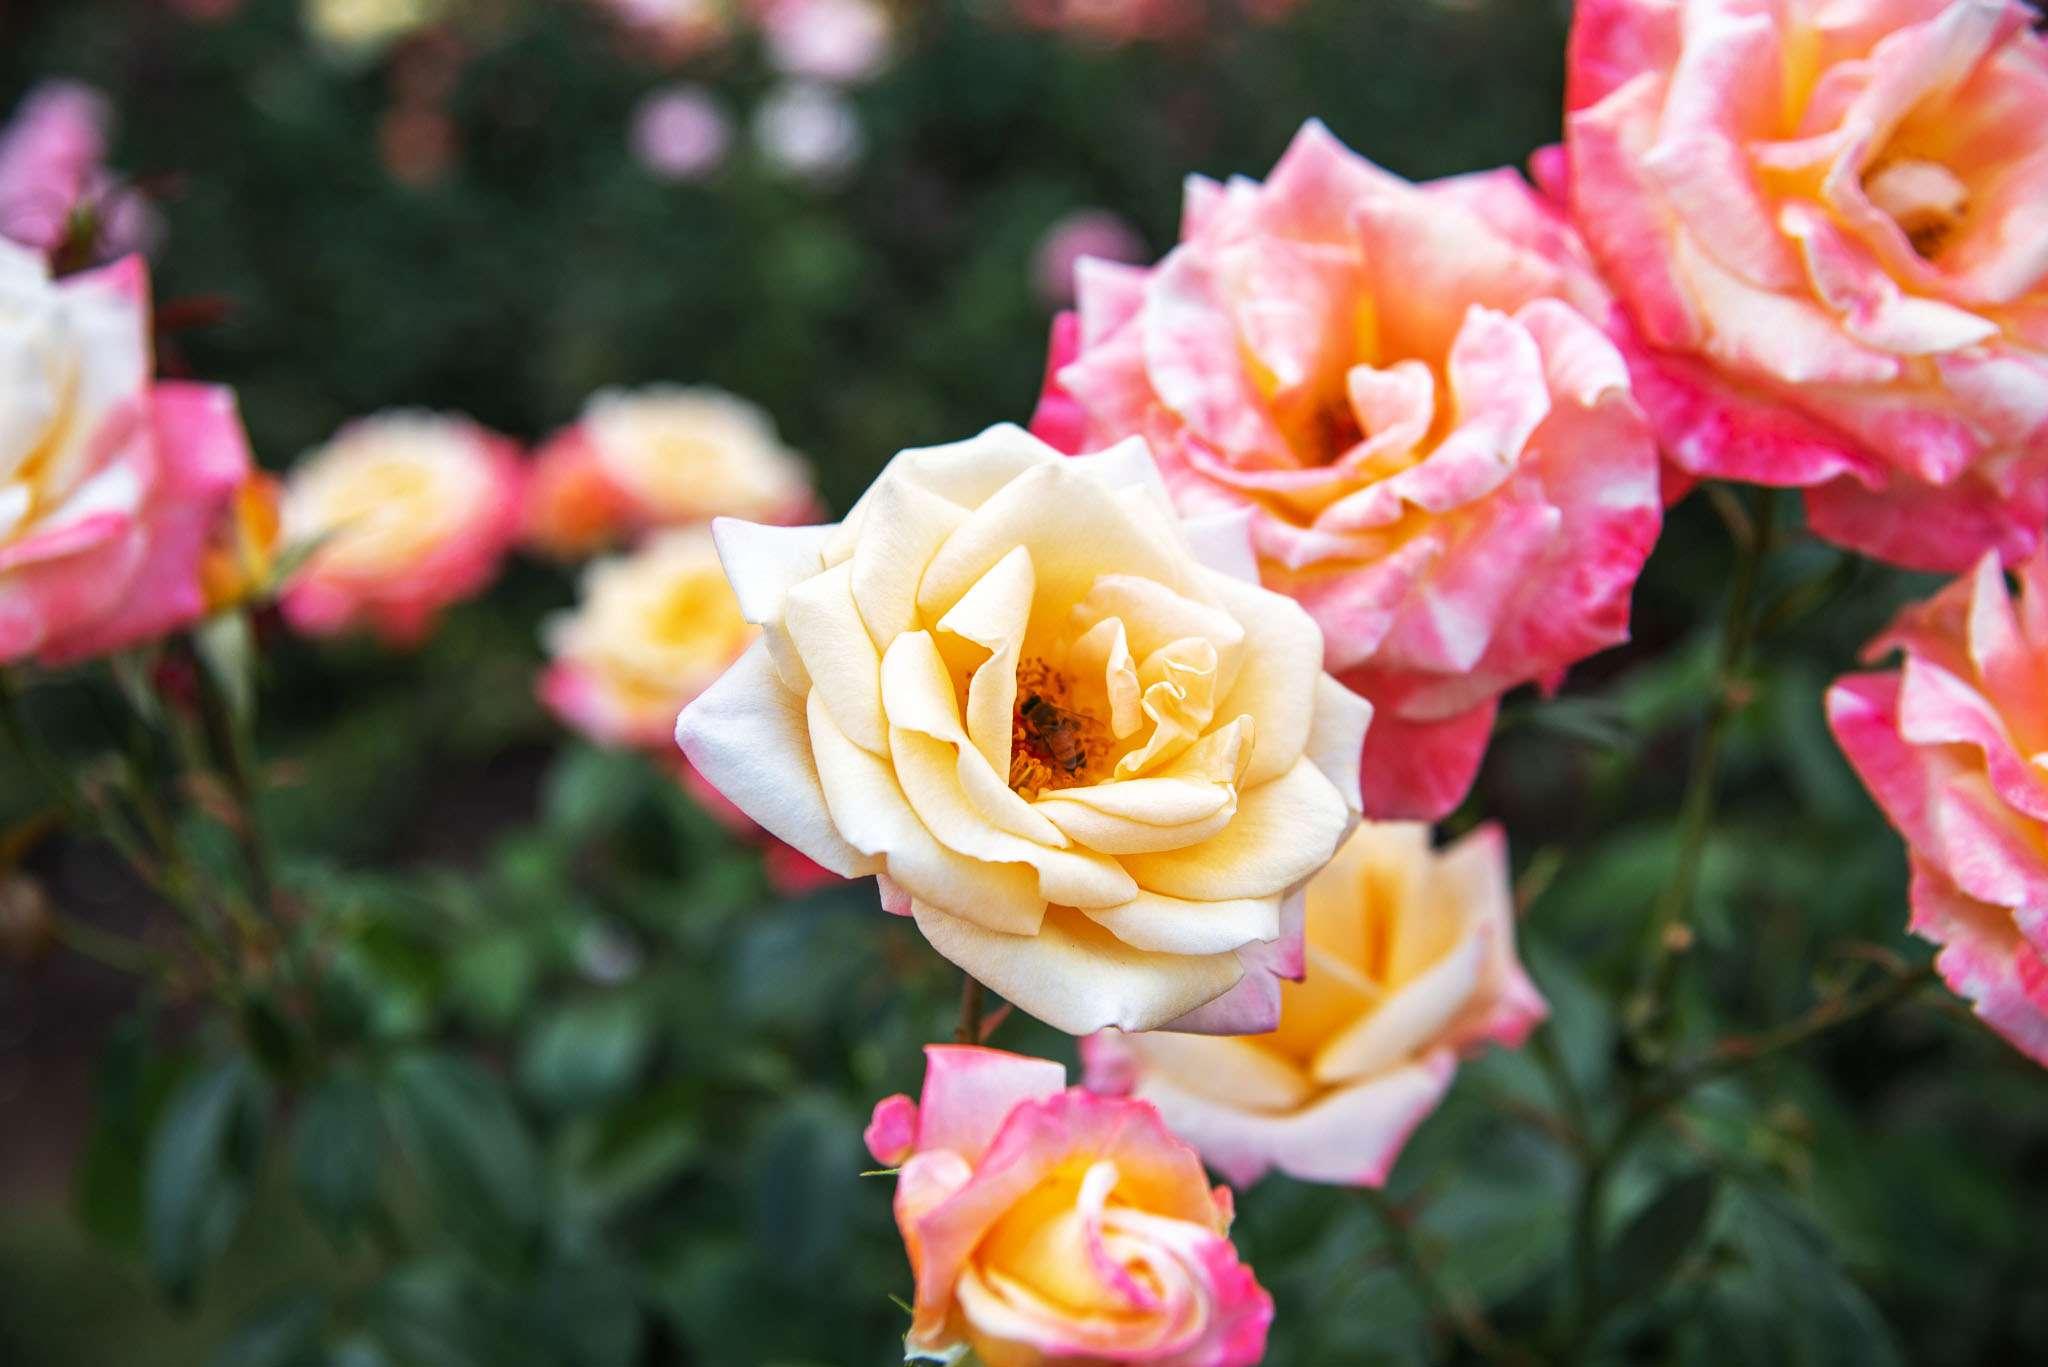 Una rosa amarilla entre rosas rosadas y anaranjadas